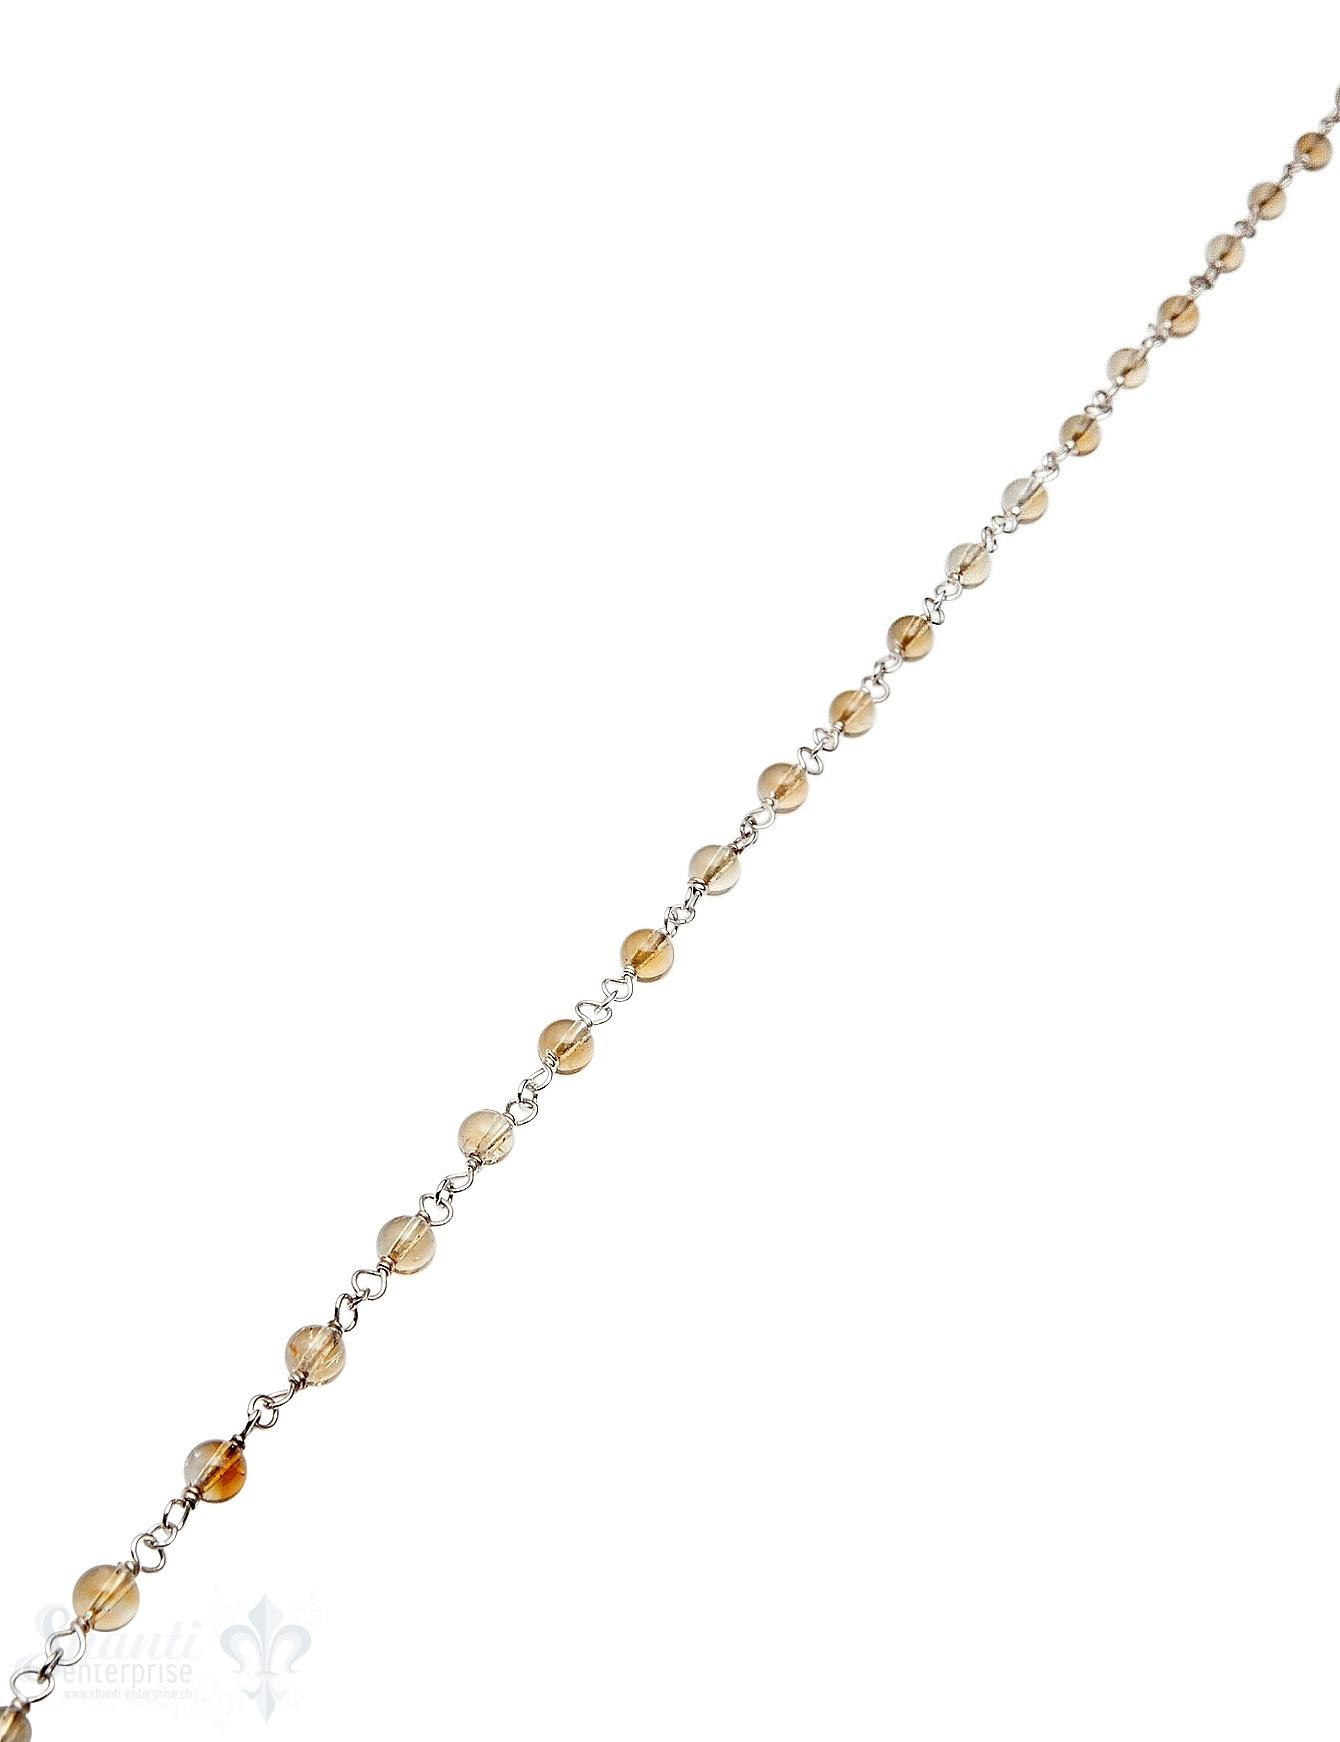 Rosenkranzkette Zitrin 4 mm rund poliert